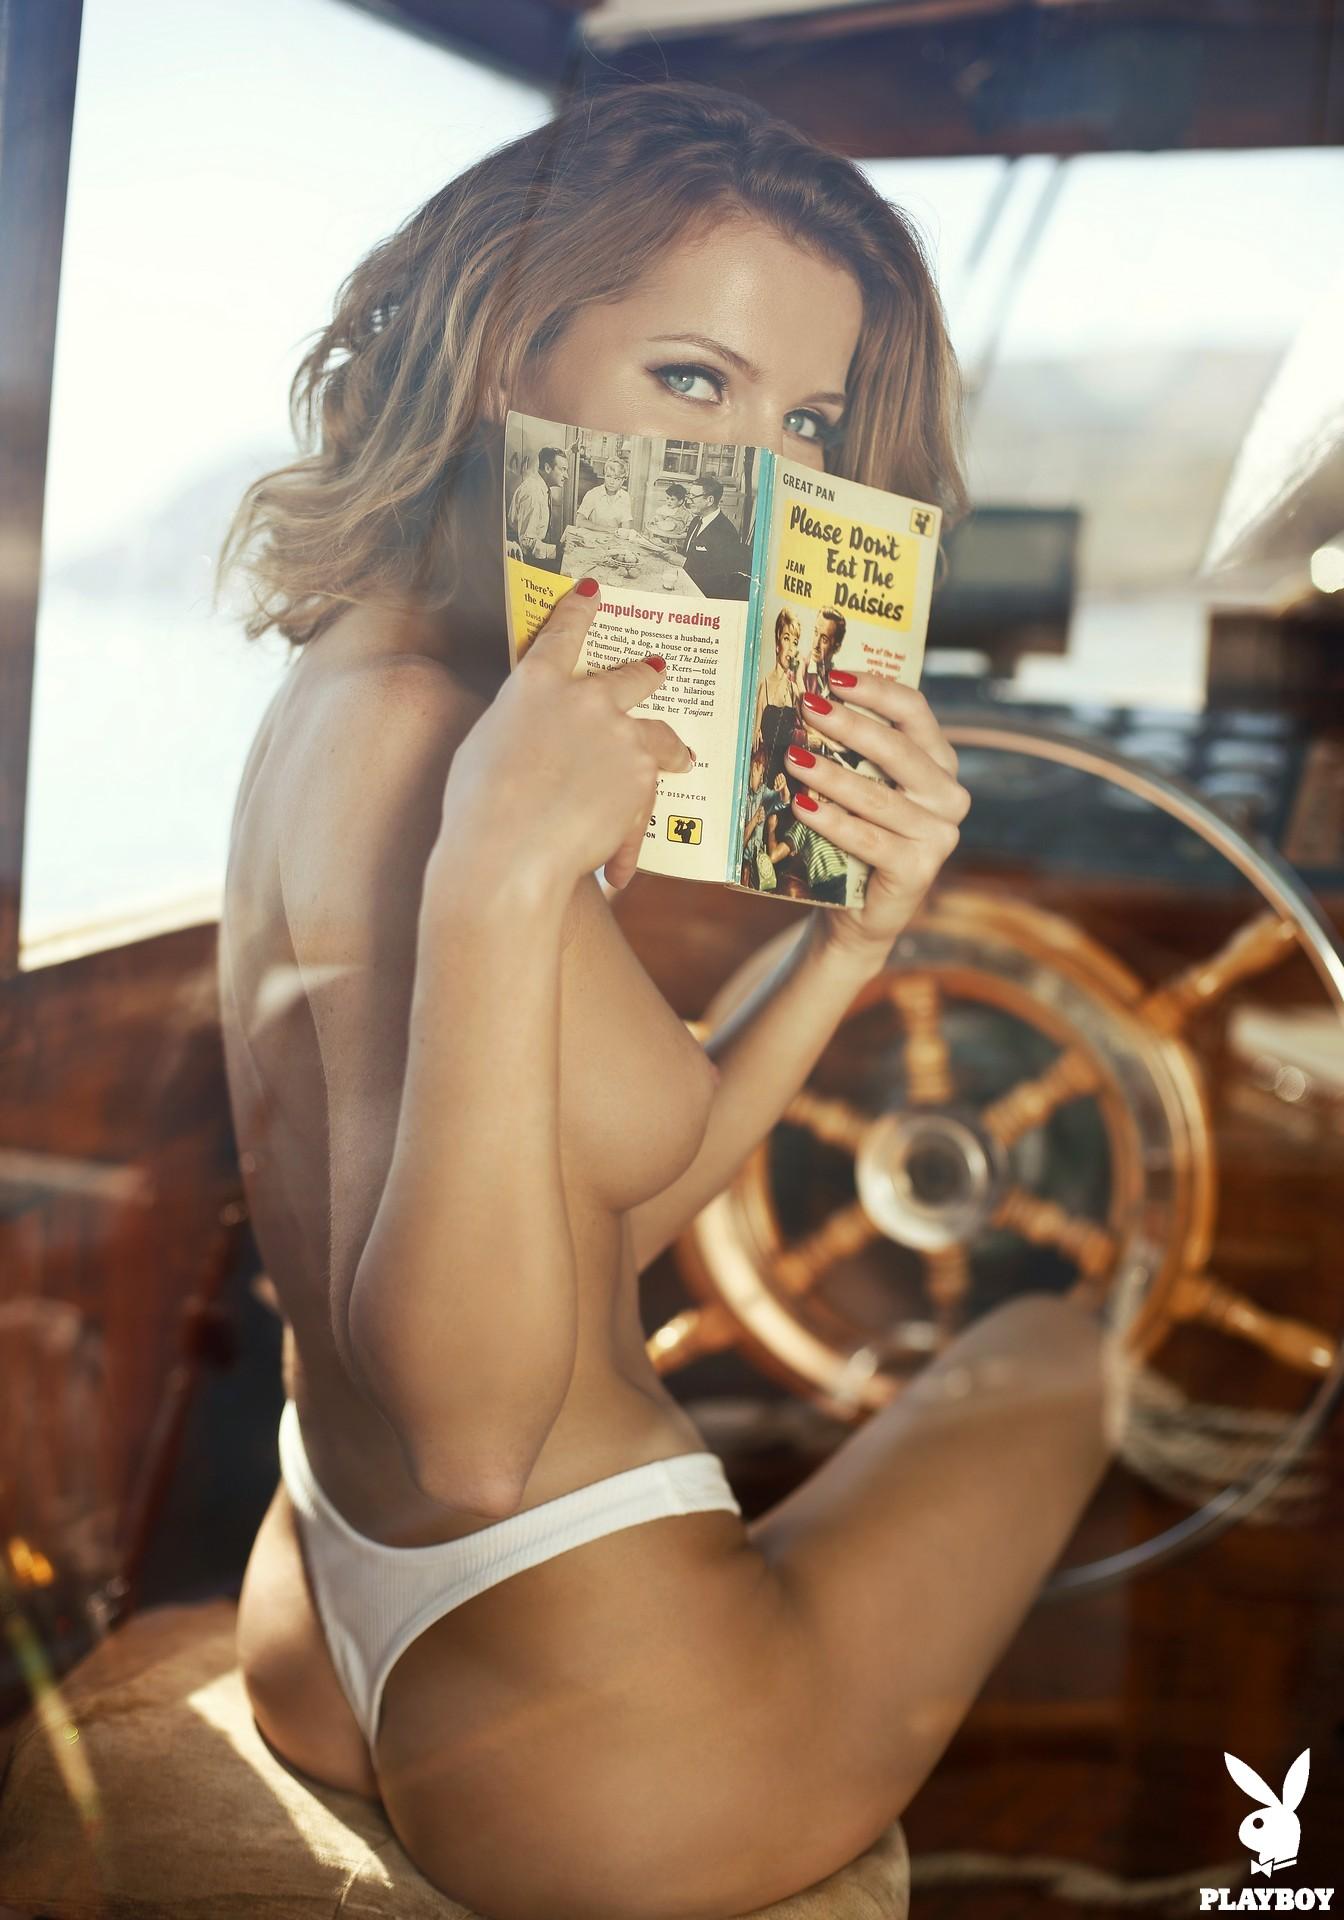 Playmate July 2018: Valeria Lakhina - Playboy Plus 21